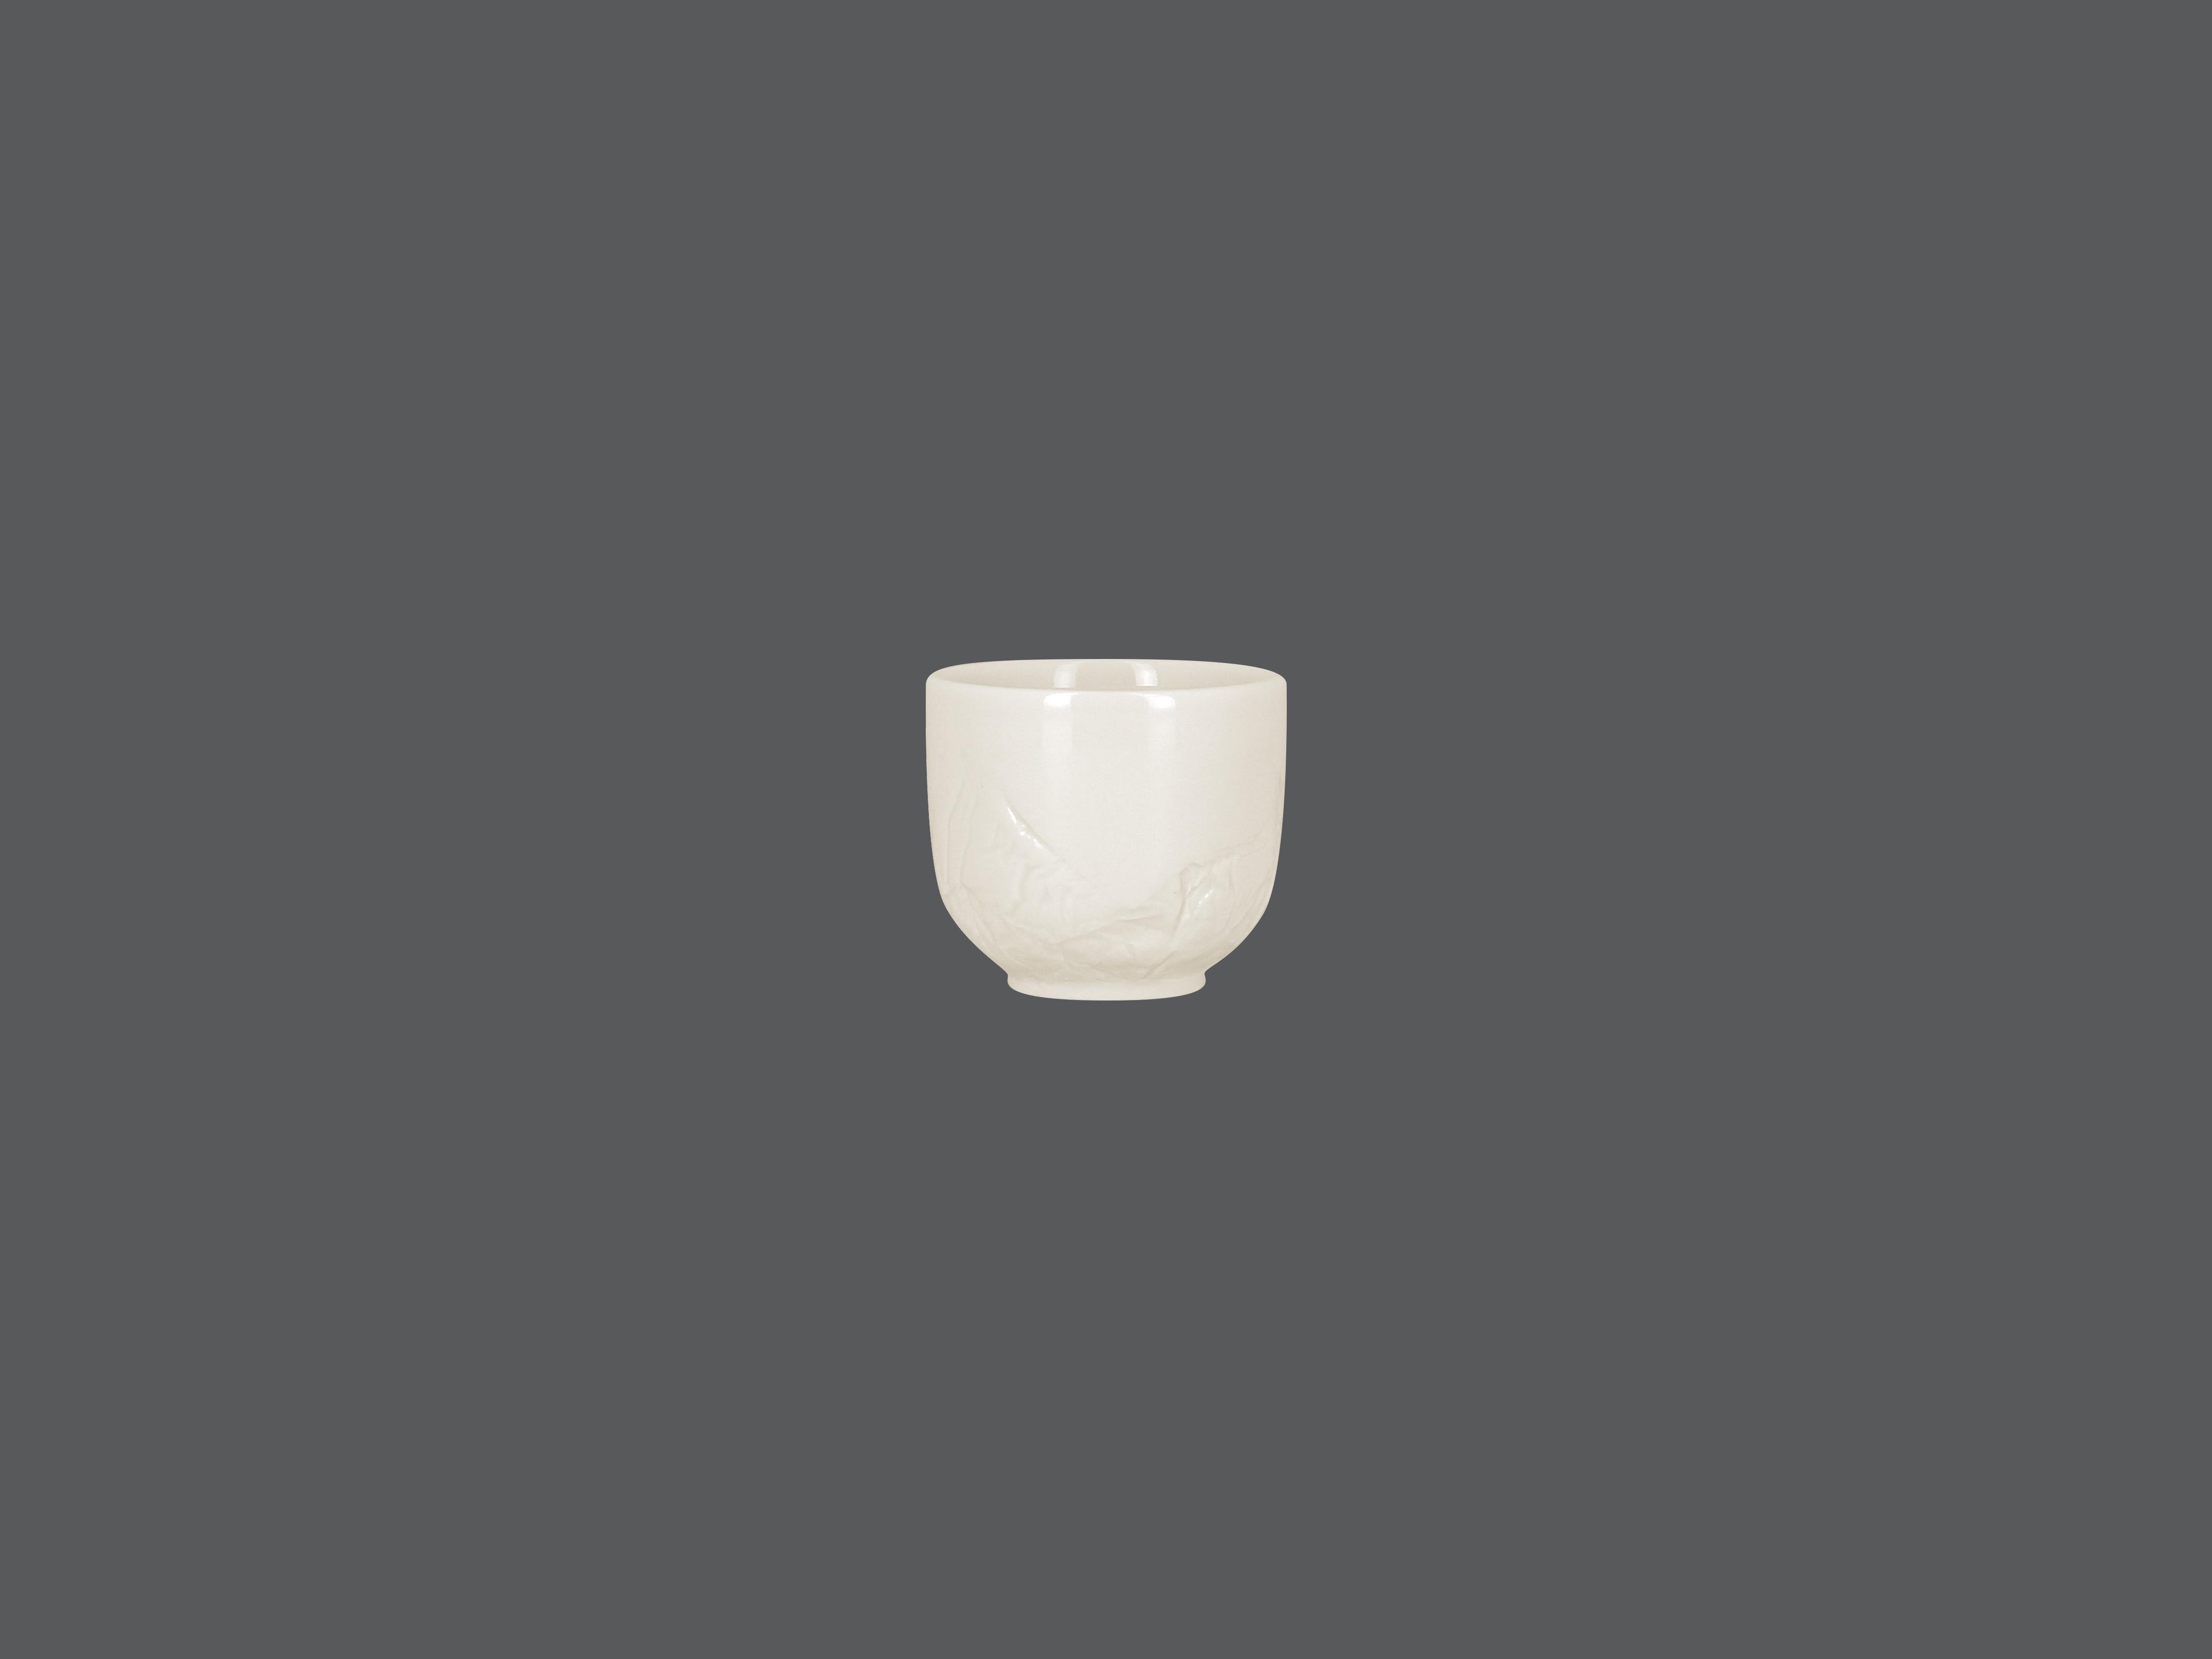 Šálek na espresso 9 cl - bílá